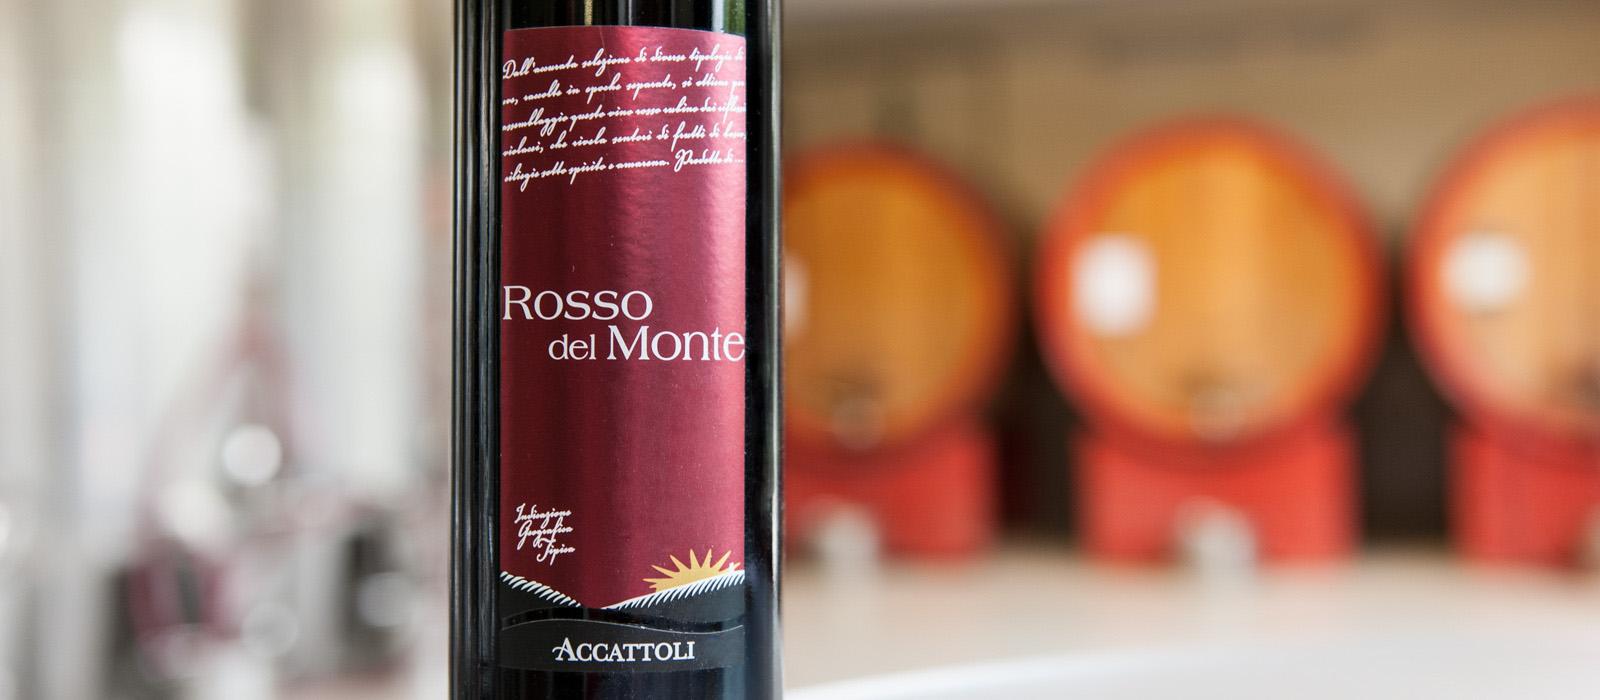 rosso-monte-marche-vini-accattoli